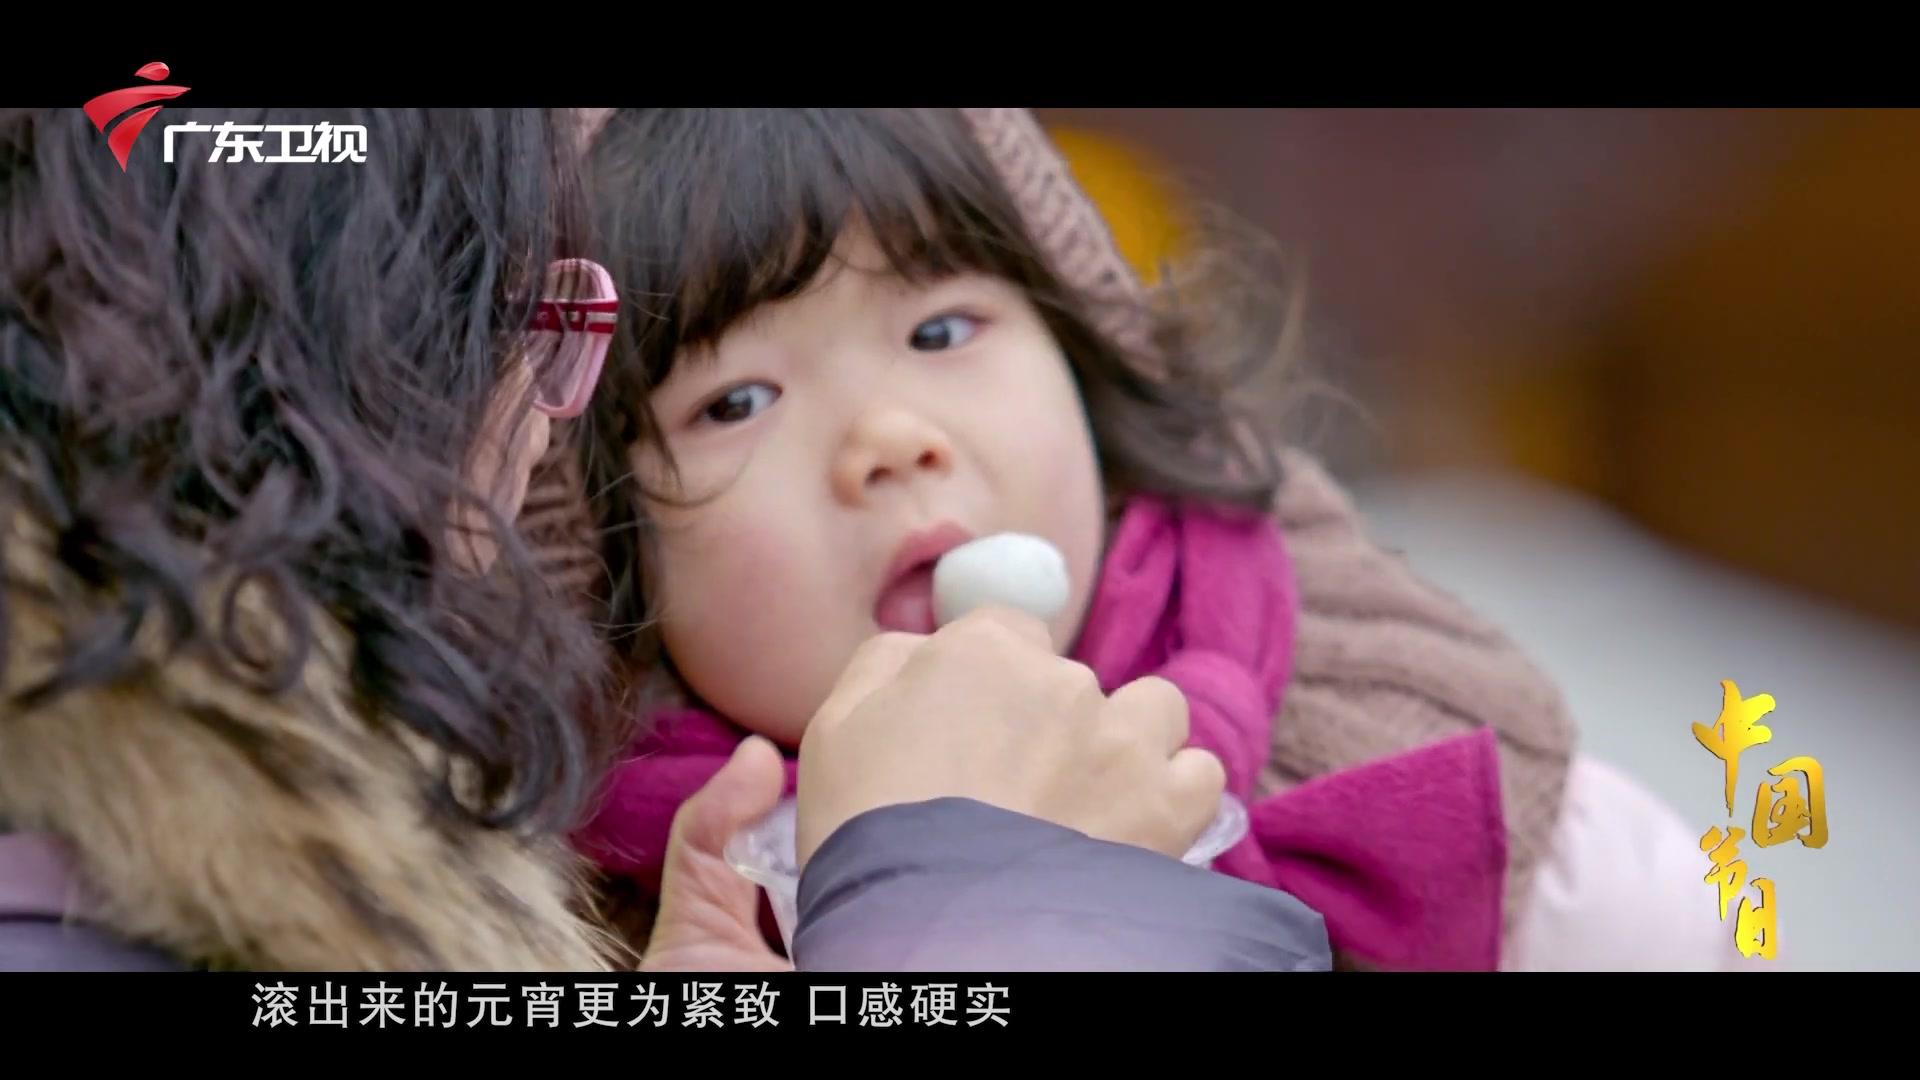 【广东卫视 1080P高清】中国节日【12集纪录片】